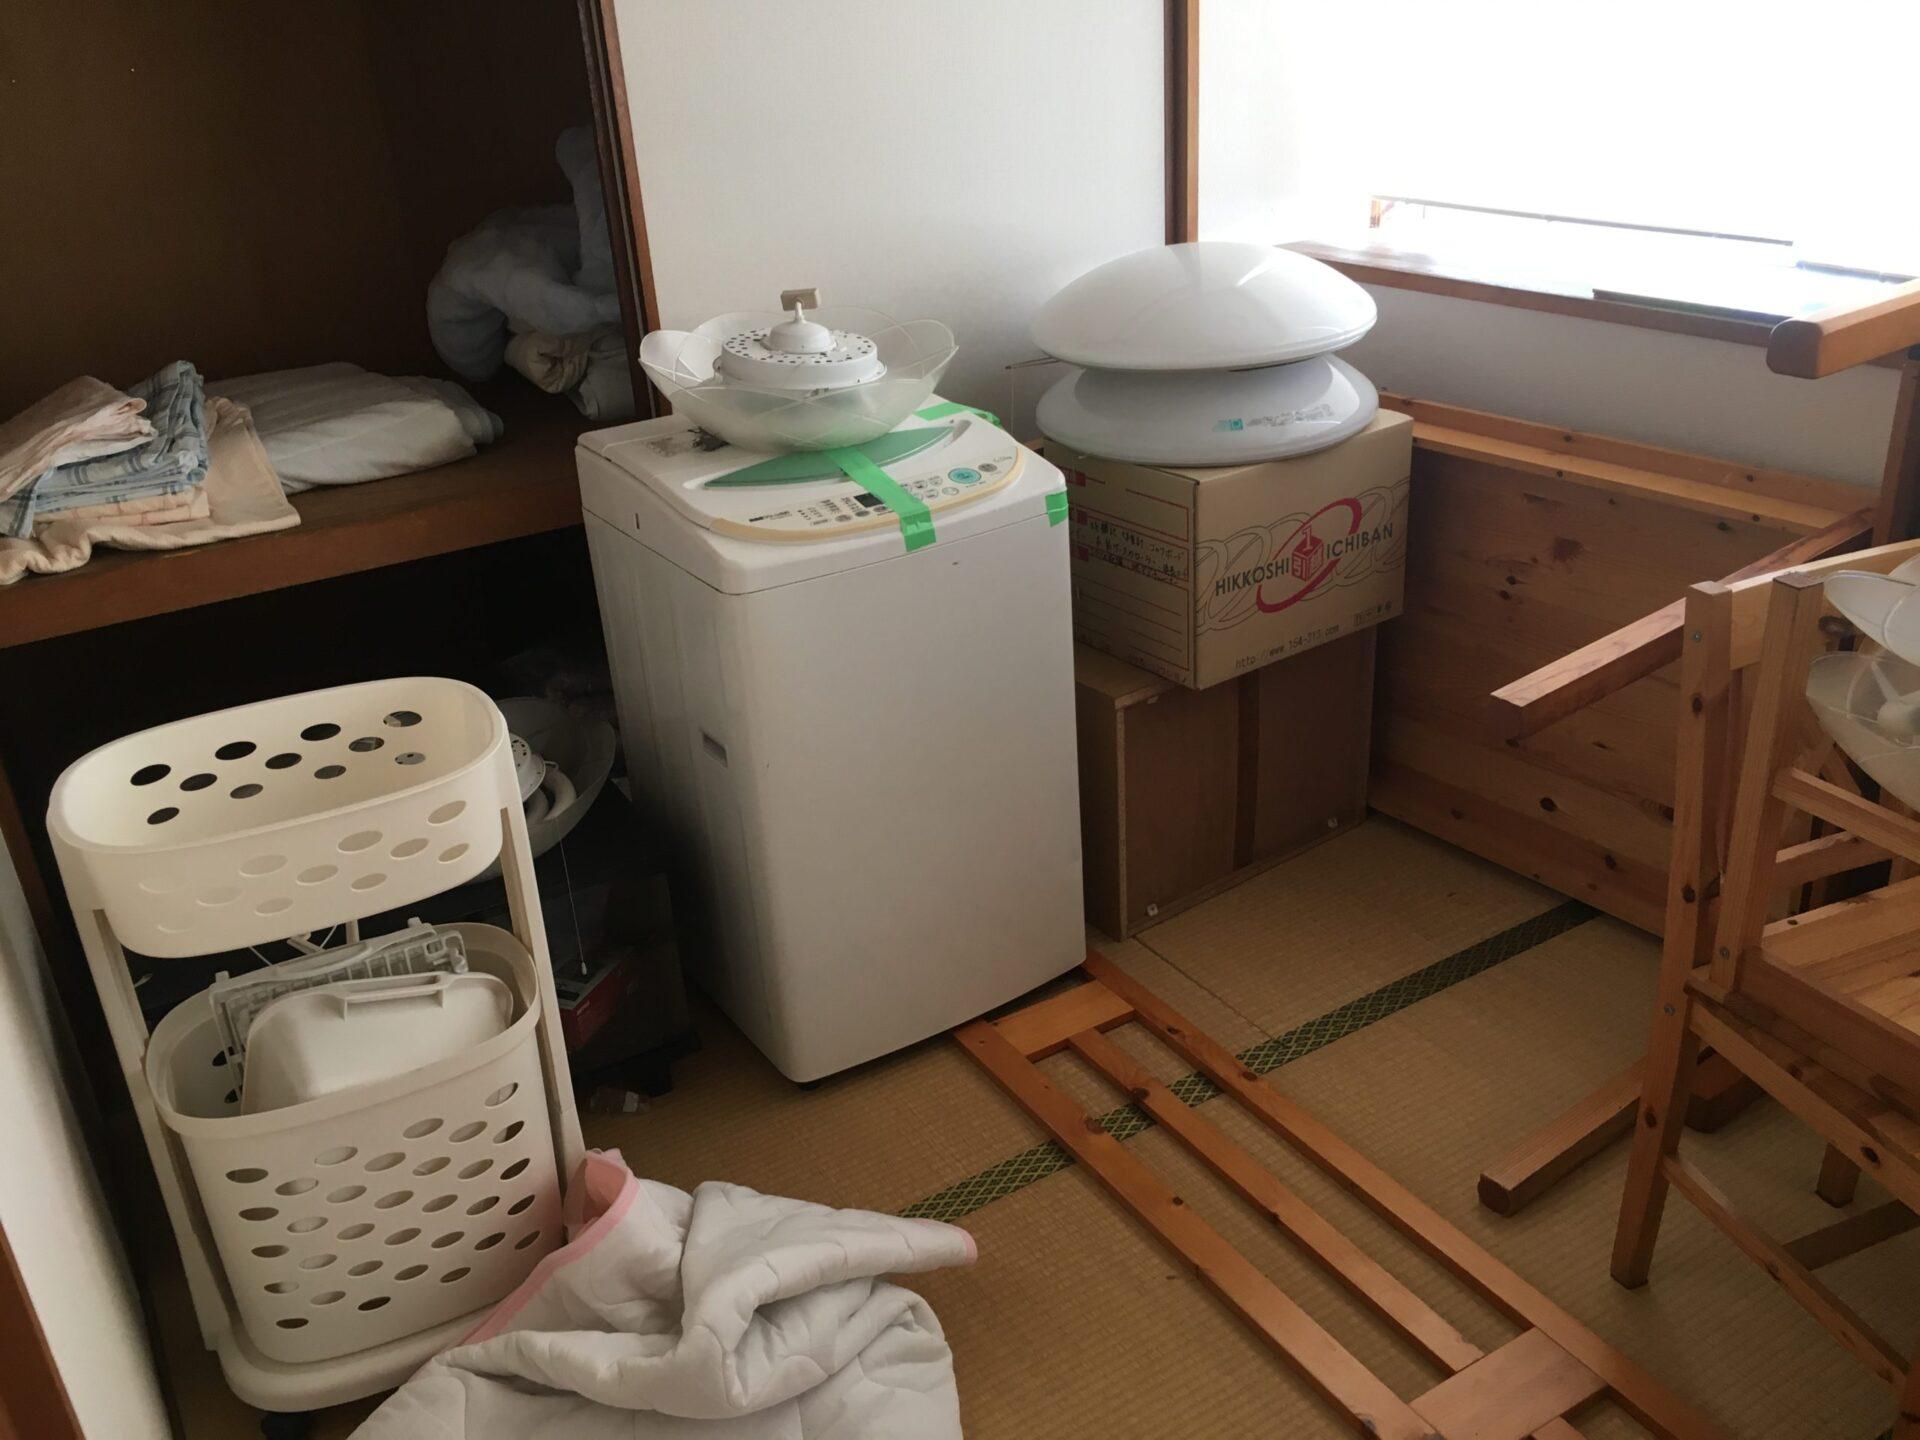 【愛知県名古屋市北区】洗濯機やテーブル等の処分